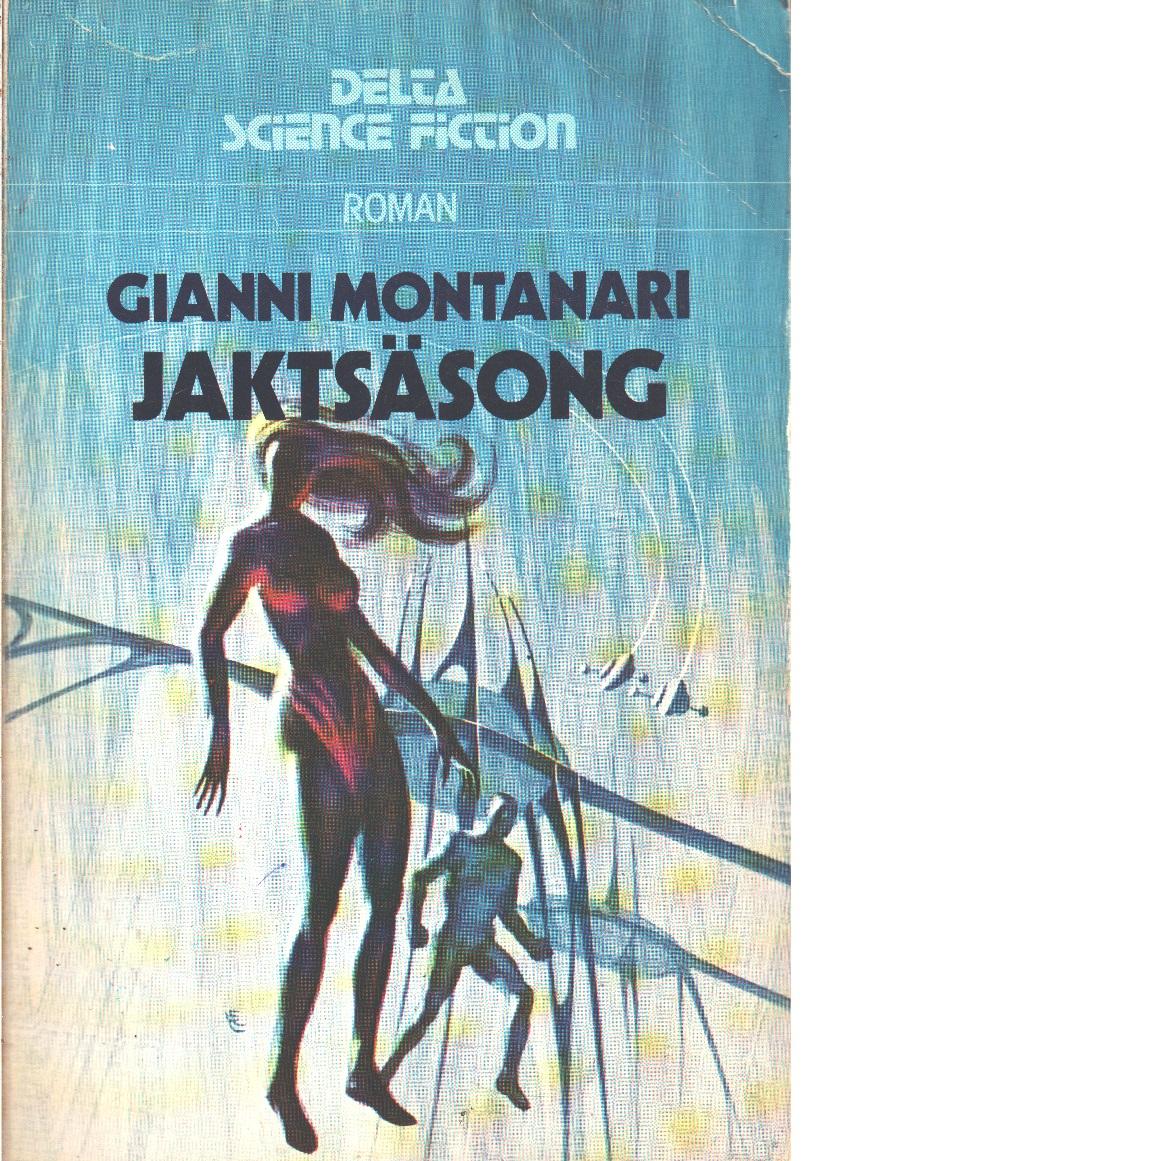 Jaktsäsong - Montanari, Gianni